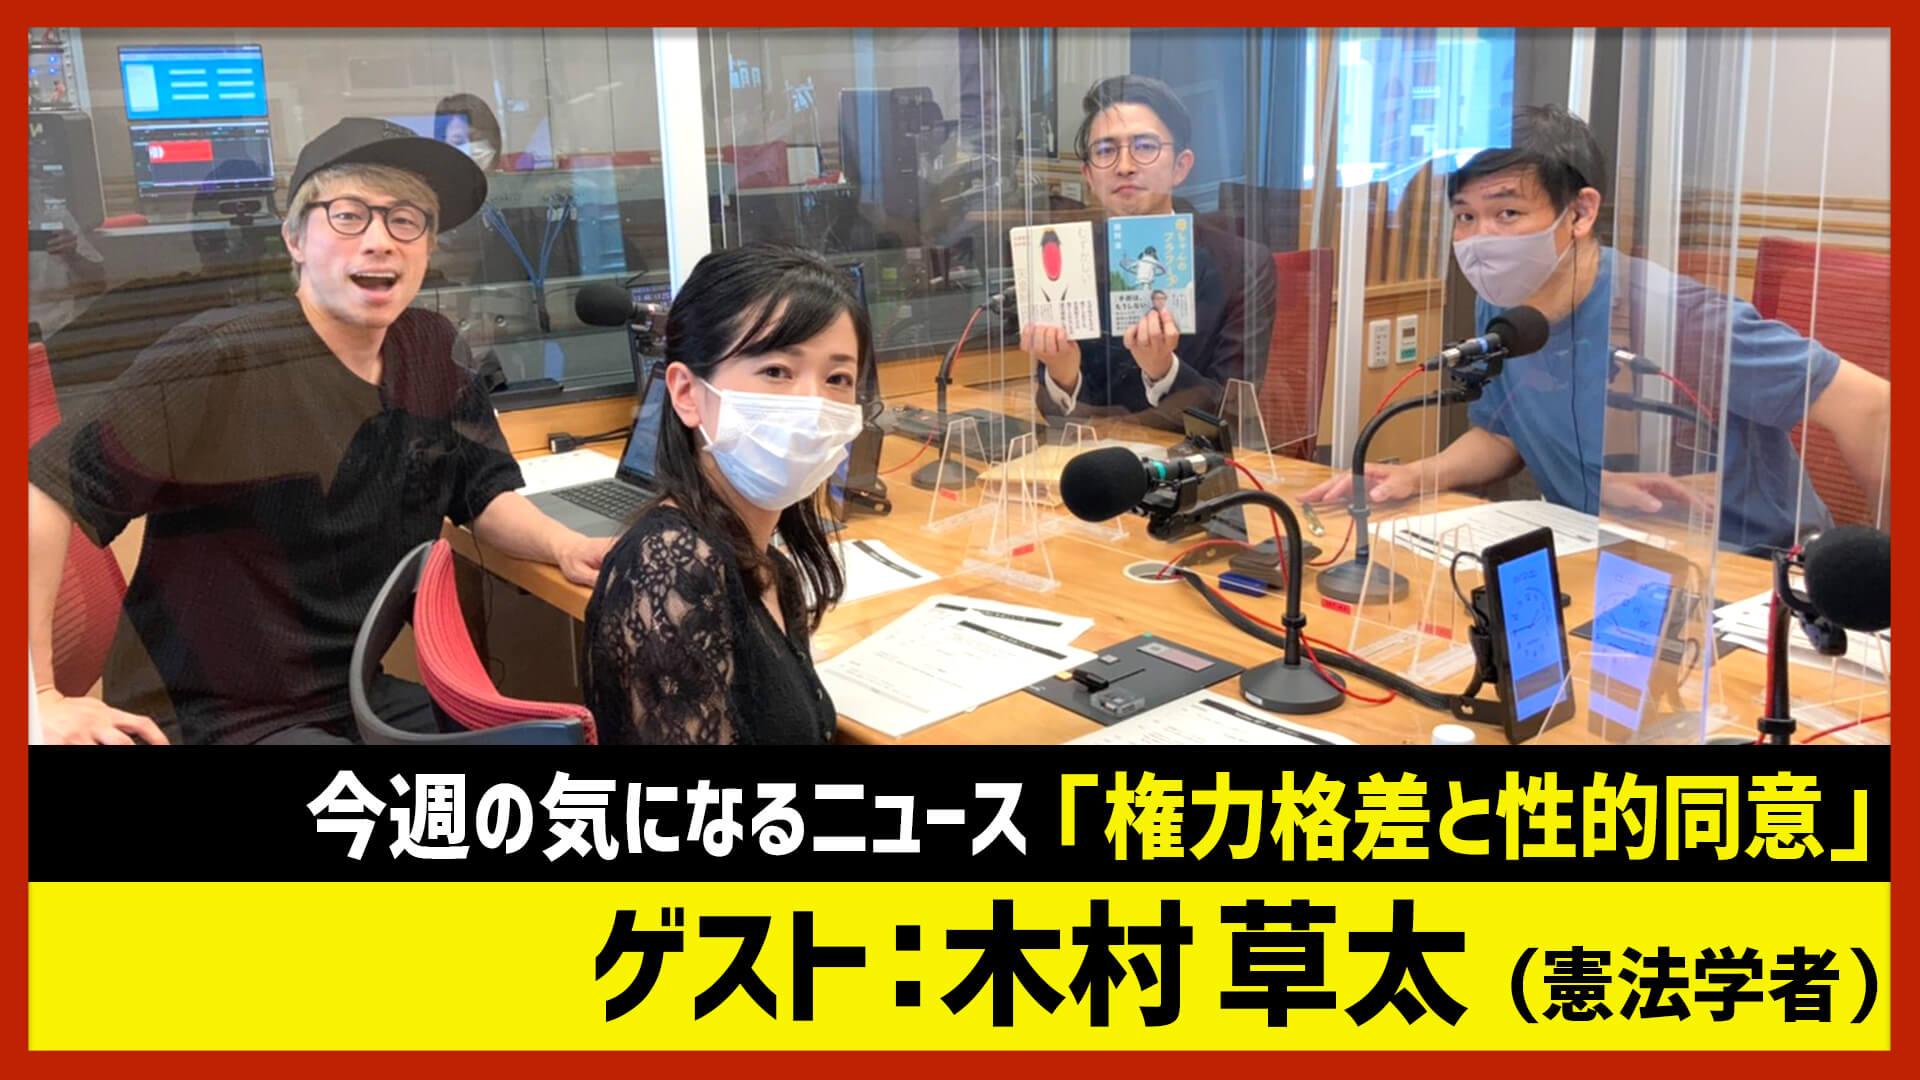 【田村淳のNewsCLUB】ゲスト: 木村草太さん(2021年6月12日前半)